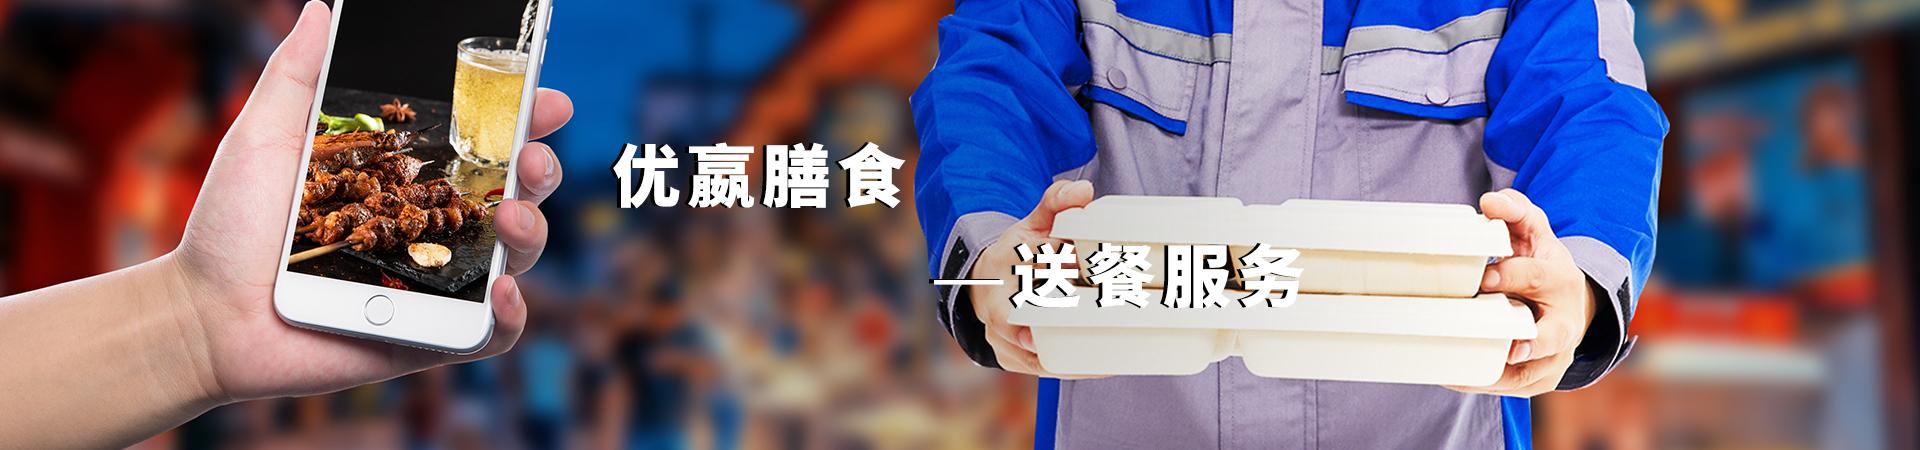 菜式品种菜单